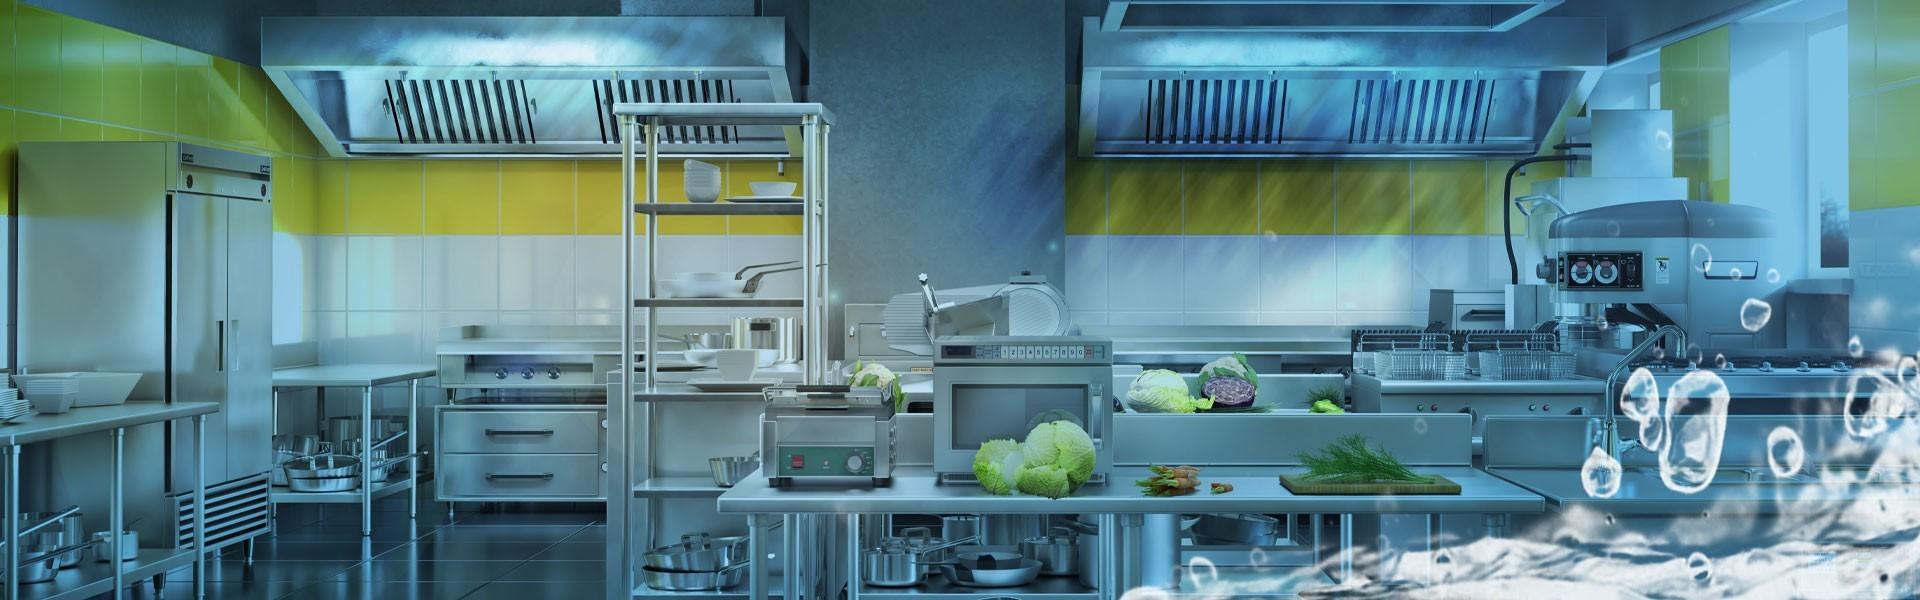 Higiene e Desinfecção de Cozinha Industrial